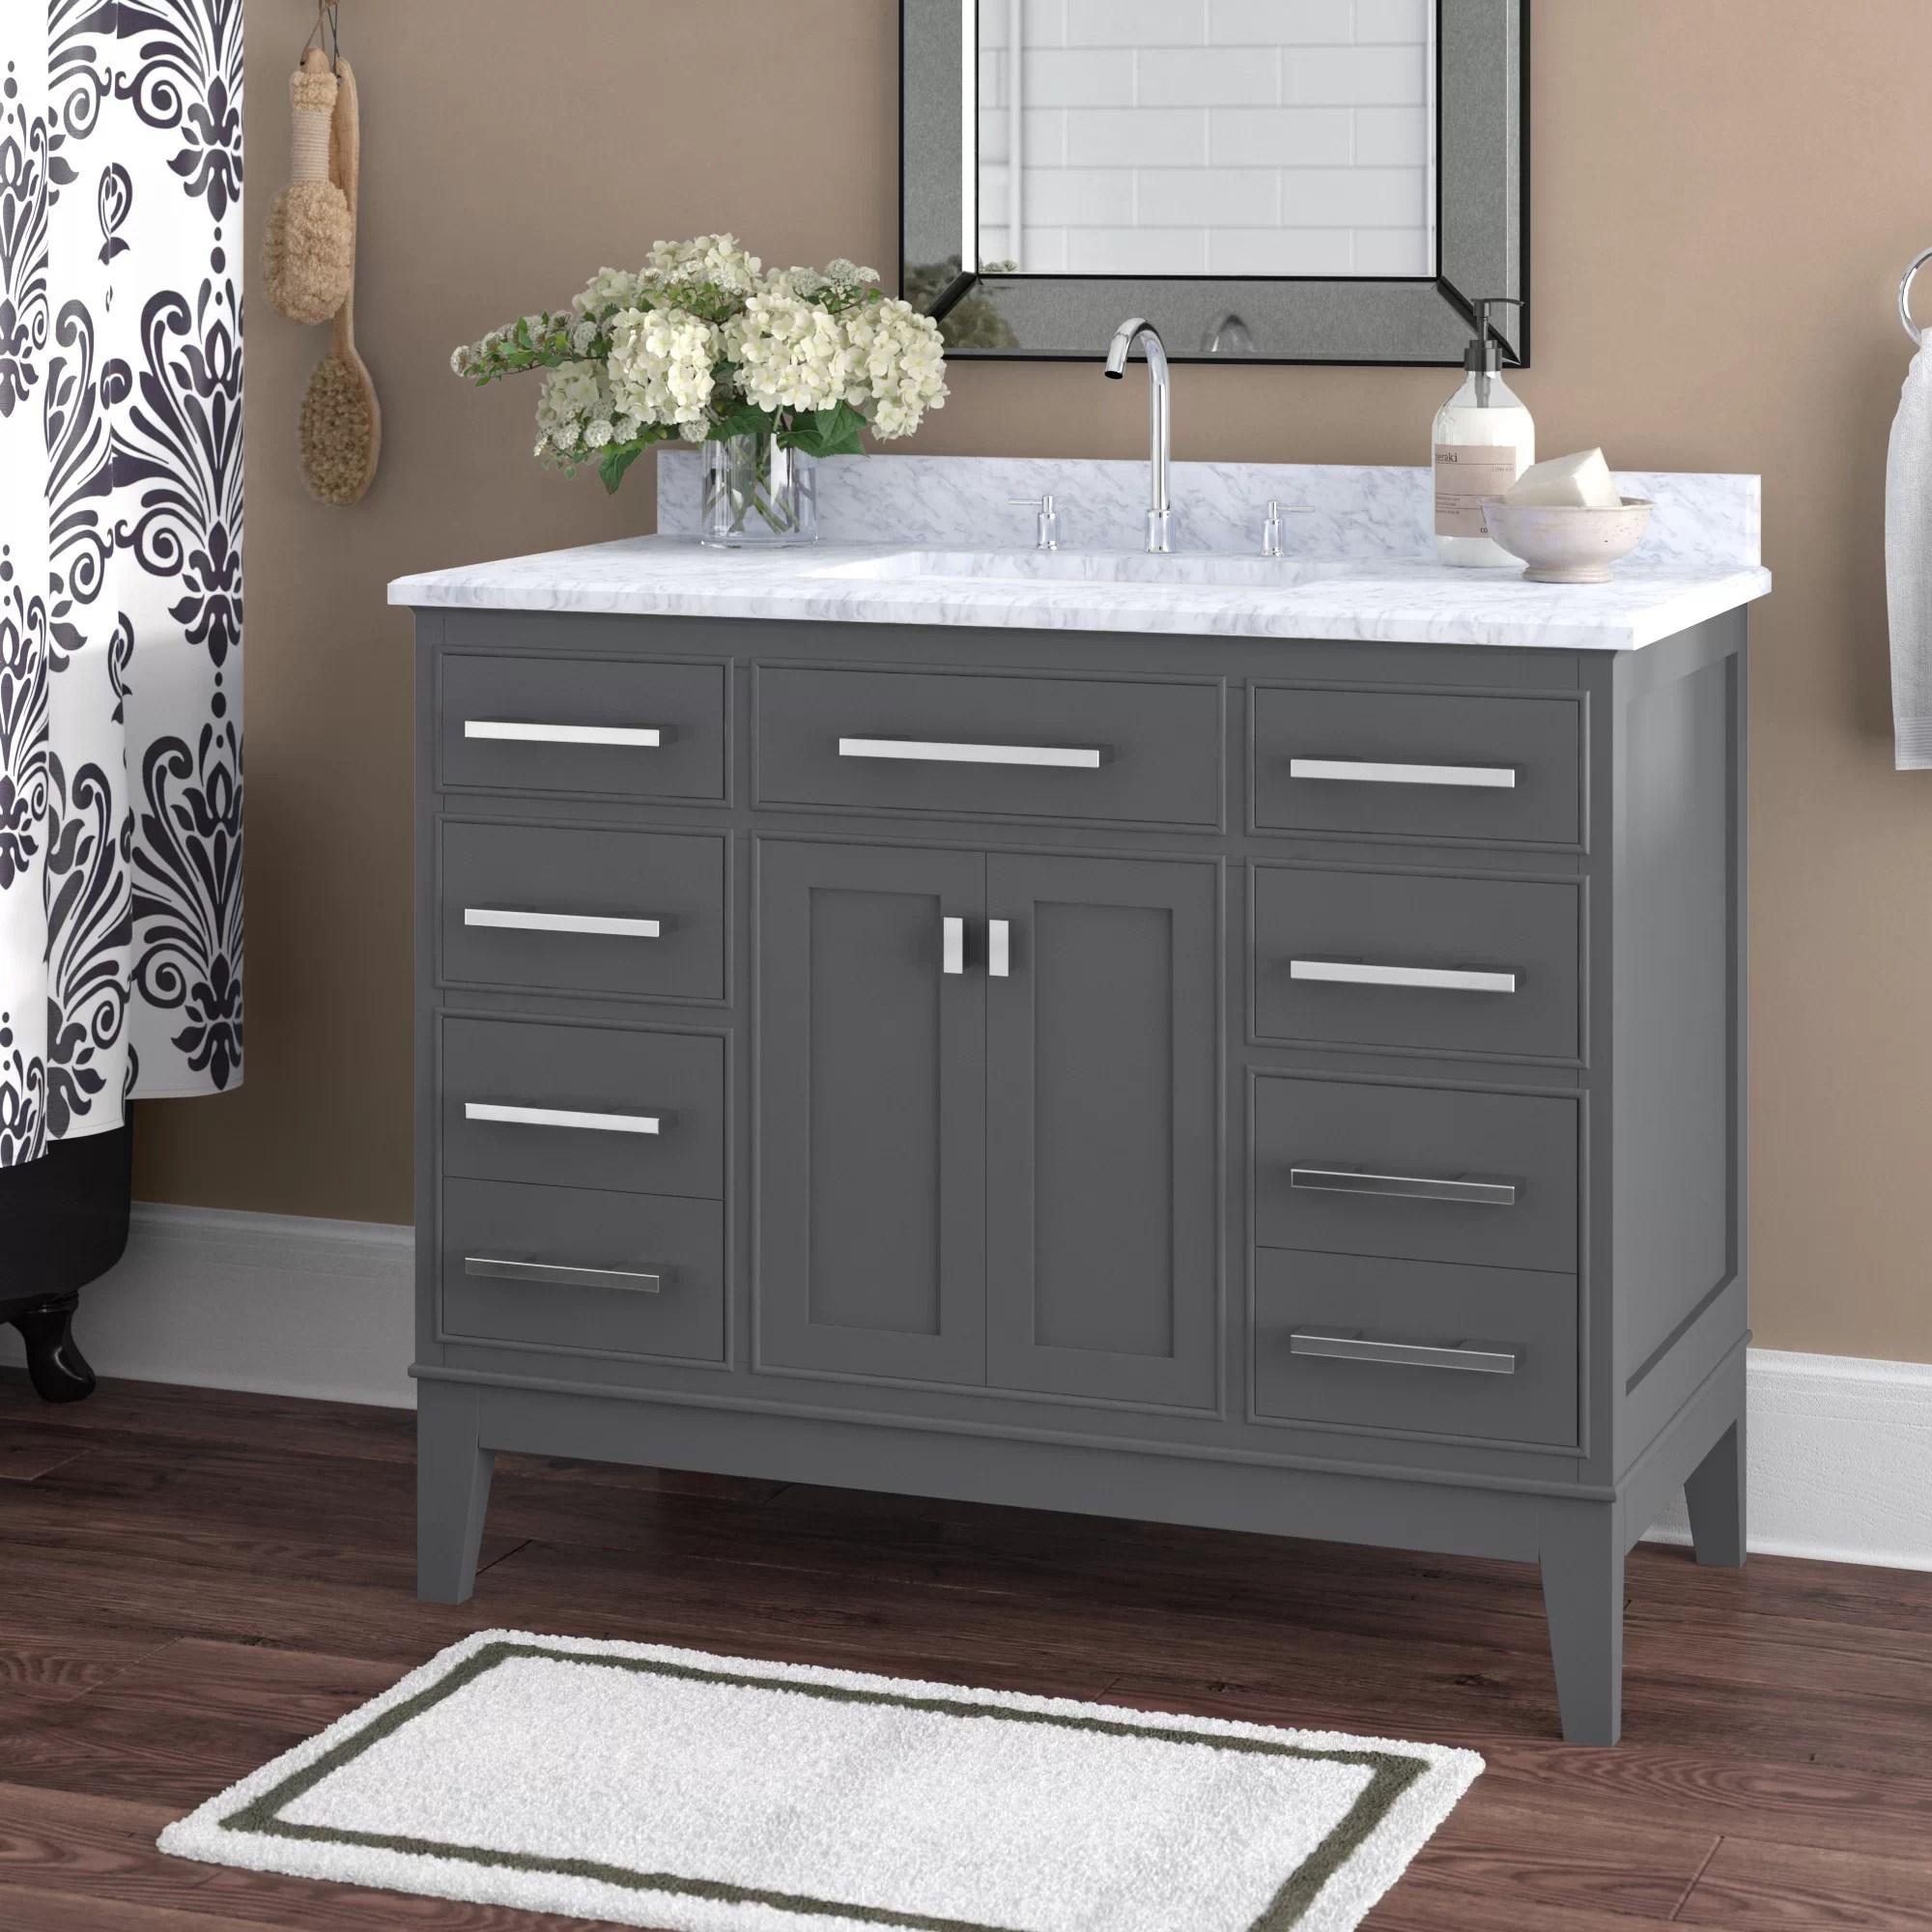 ellsberg 42 single bathroom vanity set